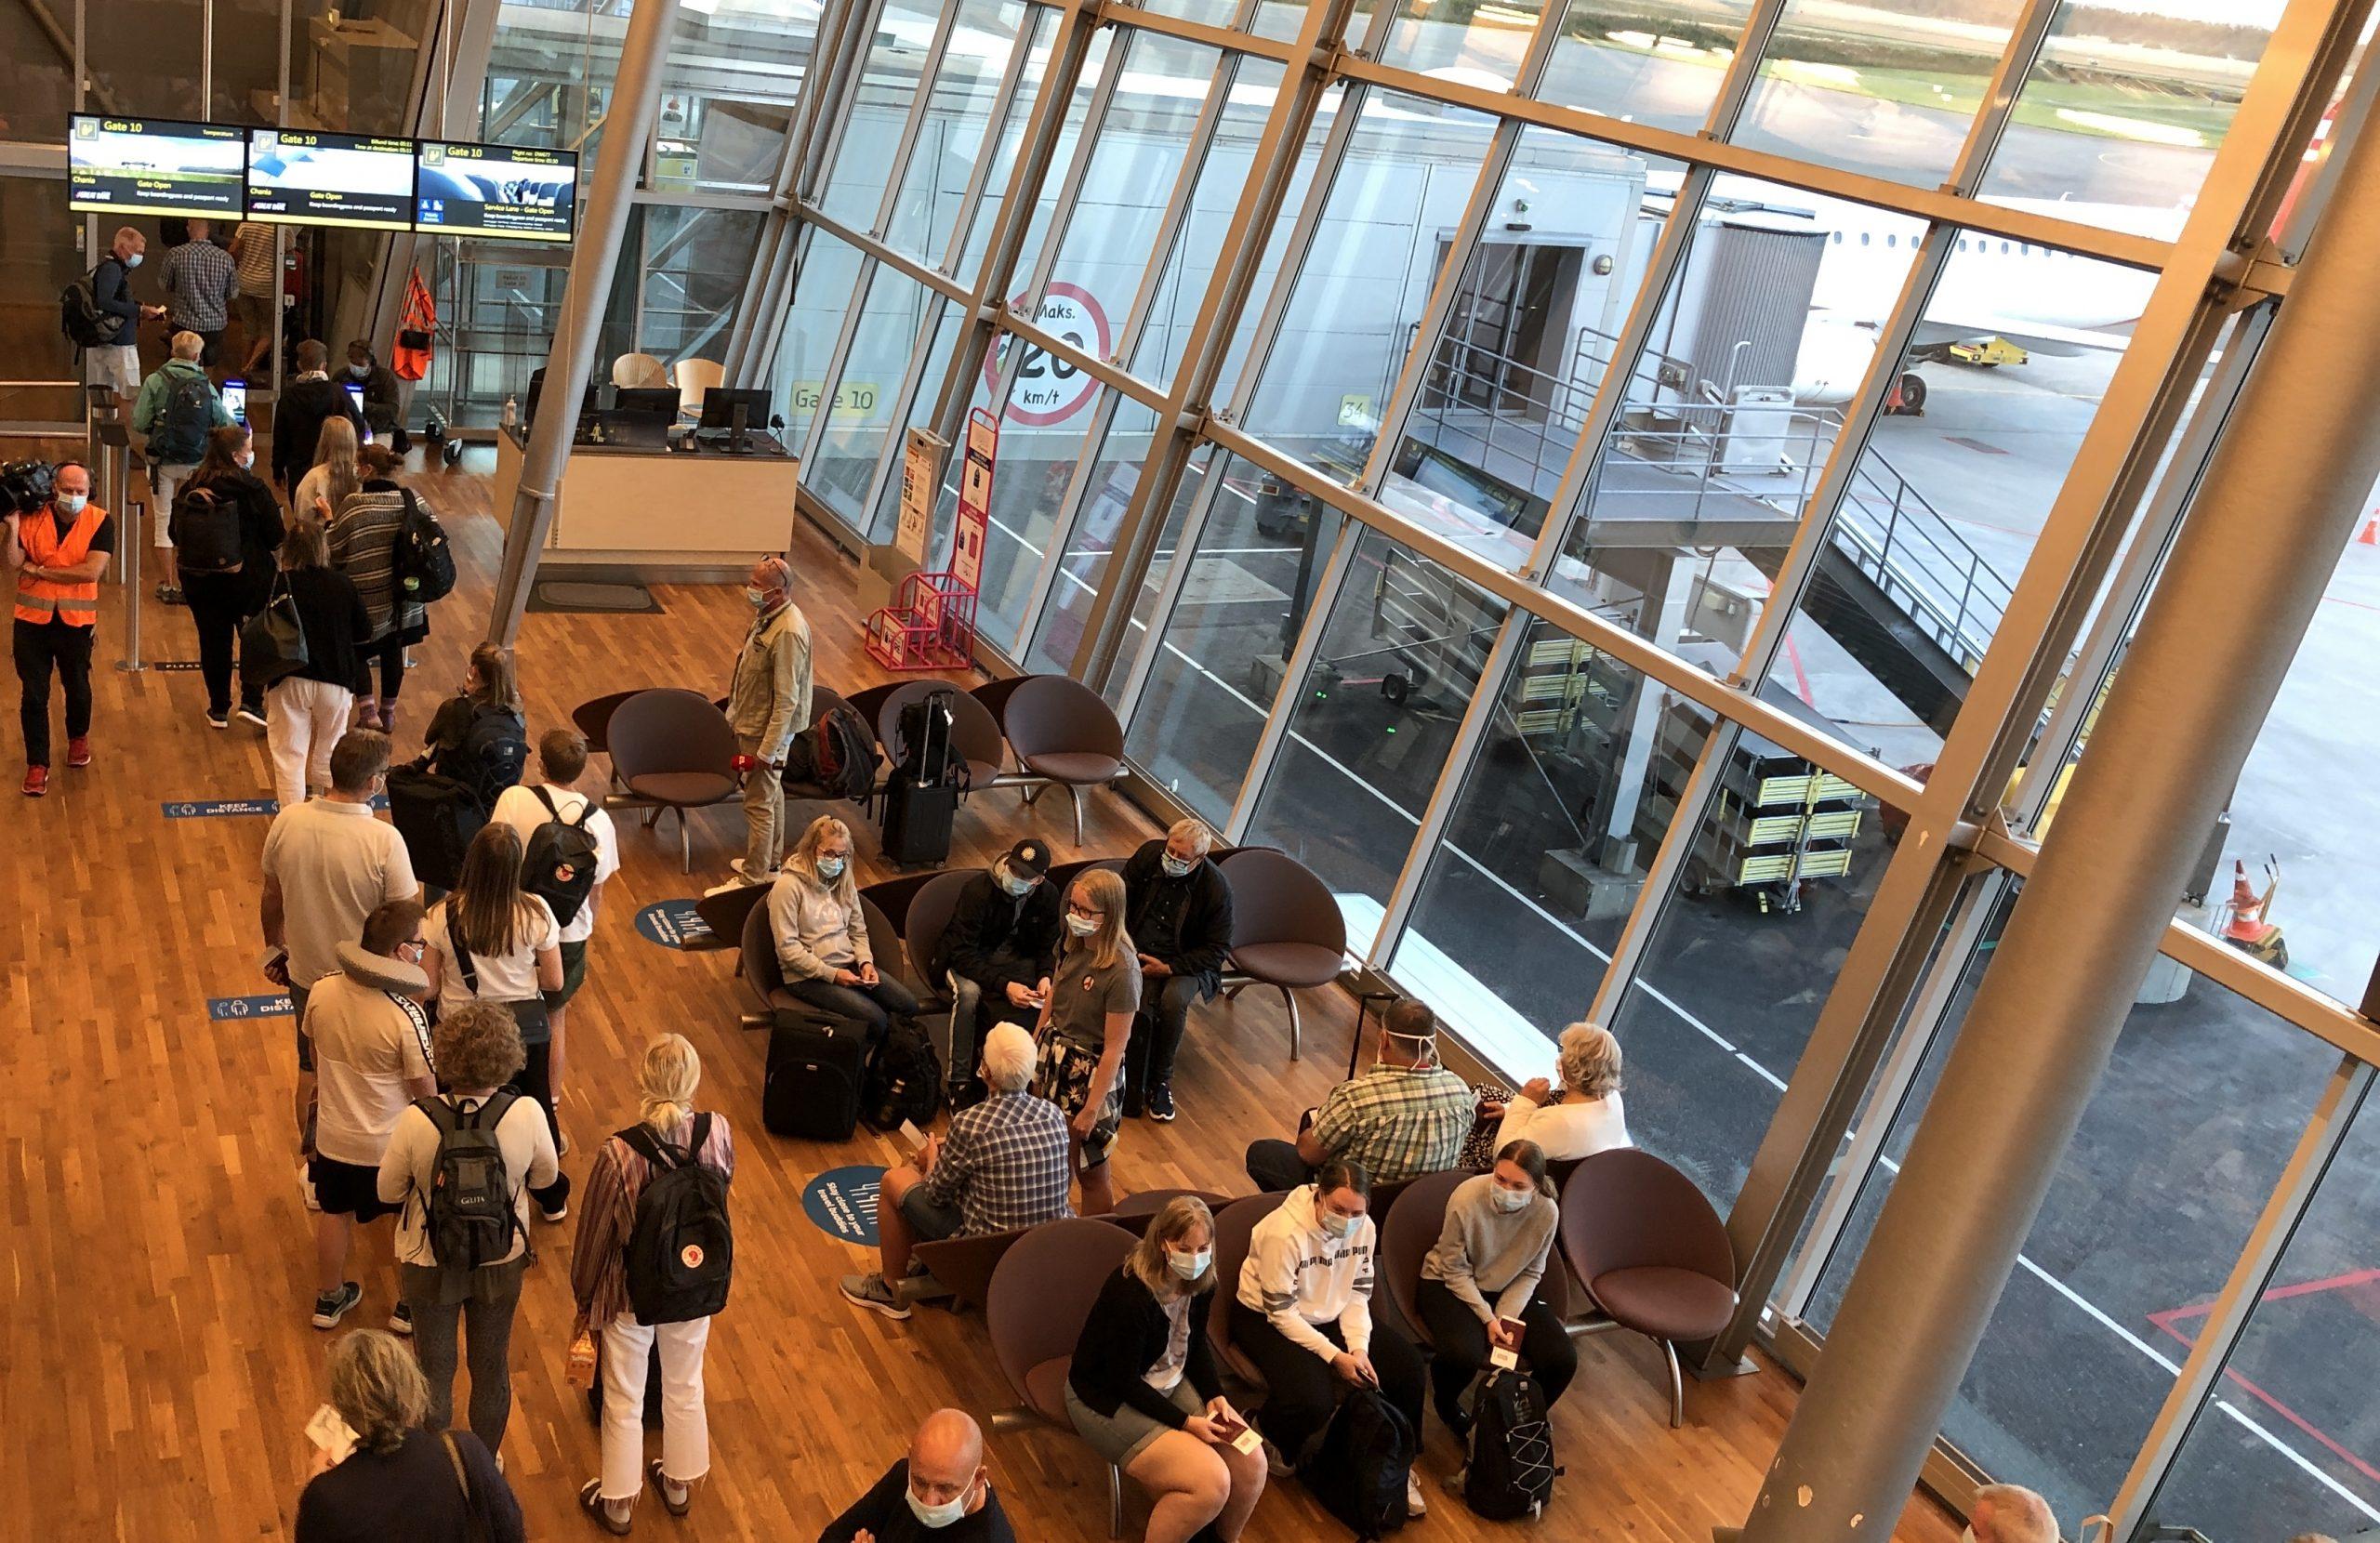 Risikoen for at skulle i karantæne på rejsemålet eller efter hjemkomsten fra udlandet til Danmark, er største udfordring for potentielle rejsende, viser ny undersøgelse fra Billund Lufthavn. Arkivpressefoto: Billund Lufthavn.